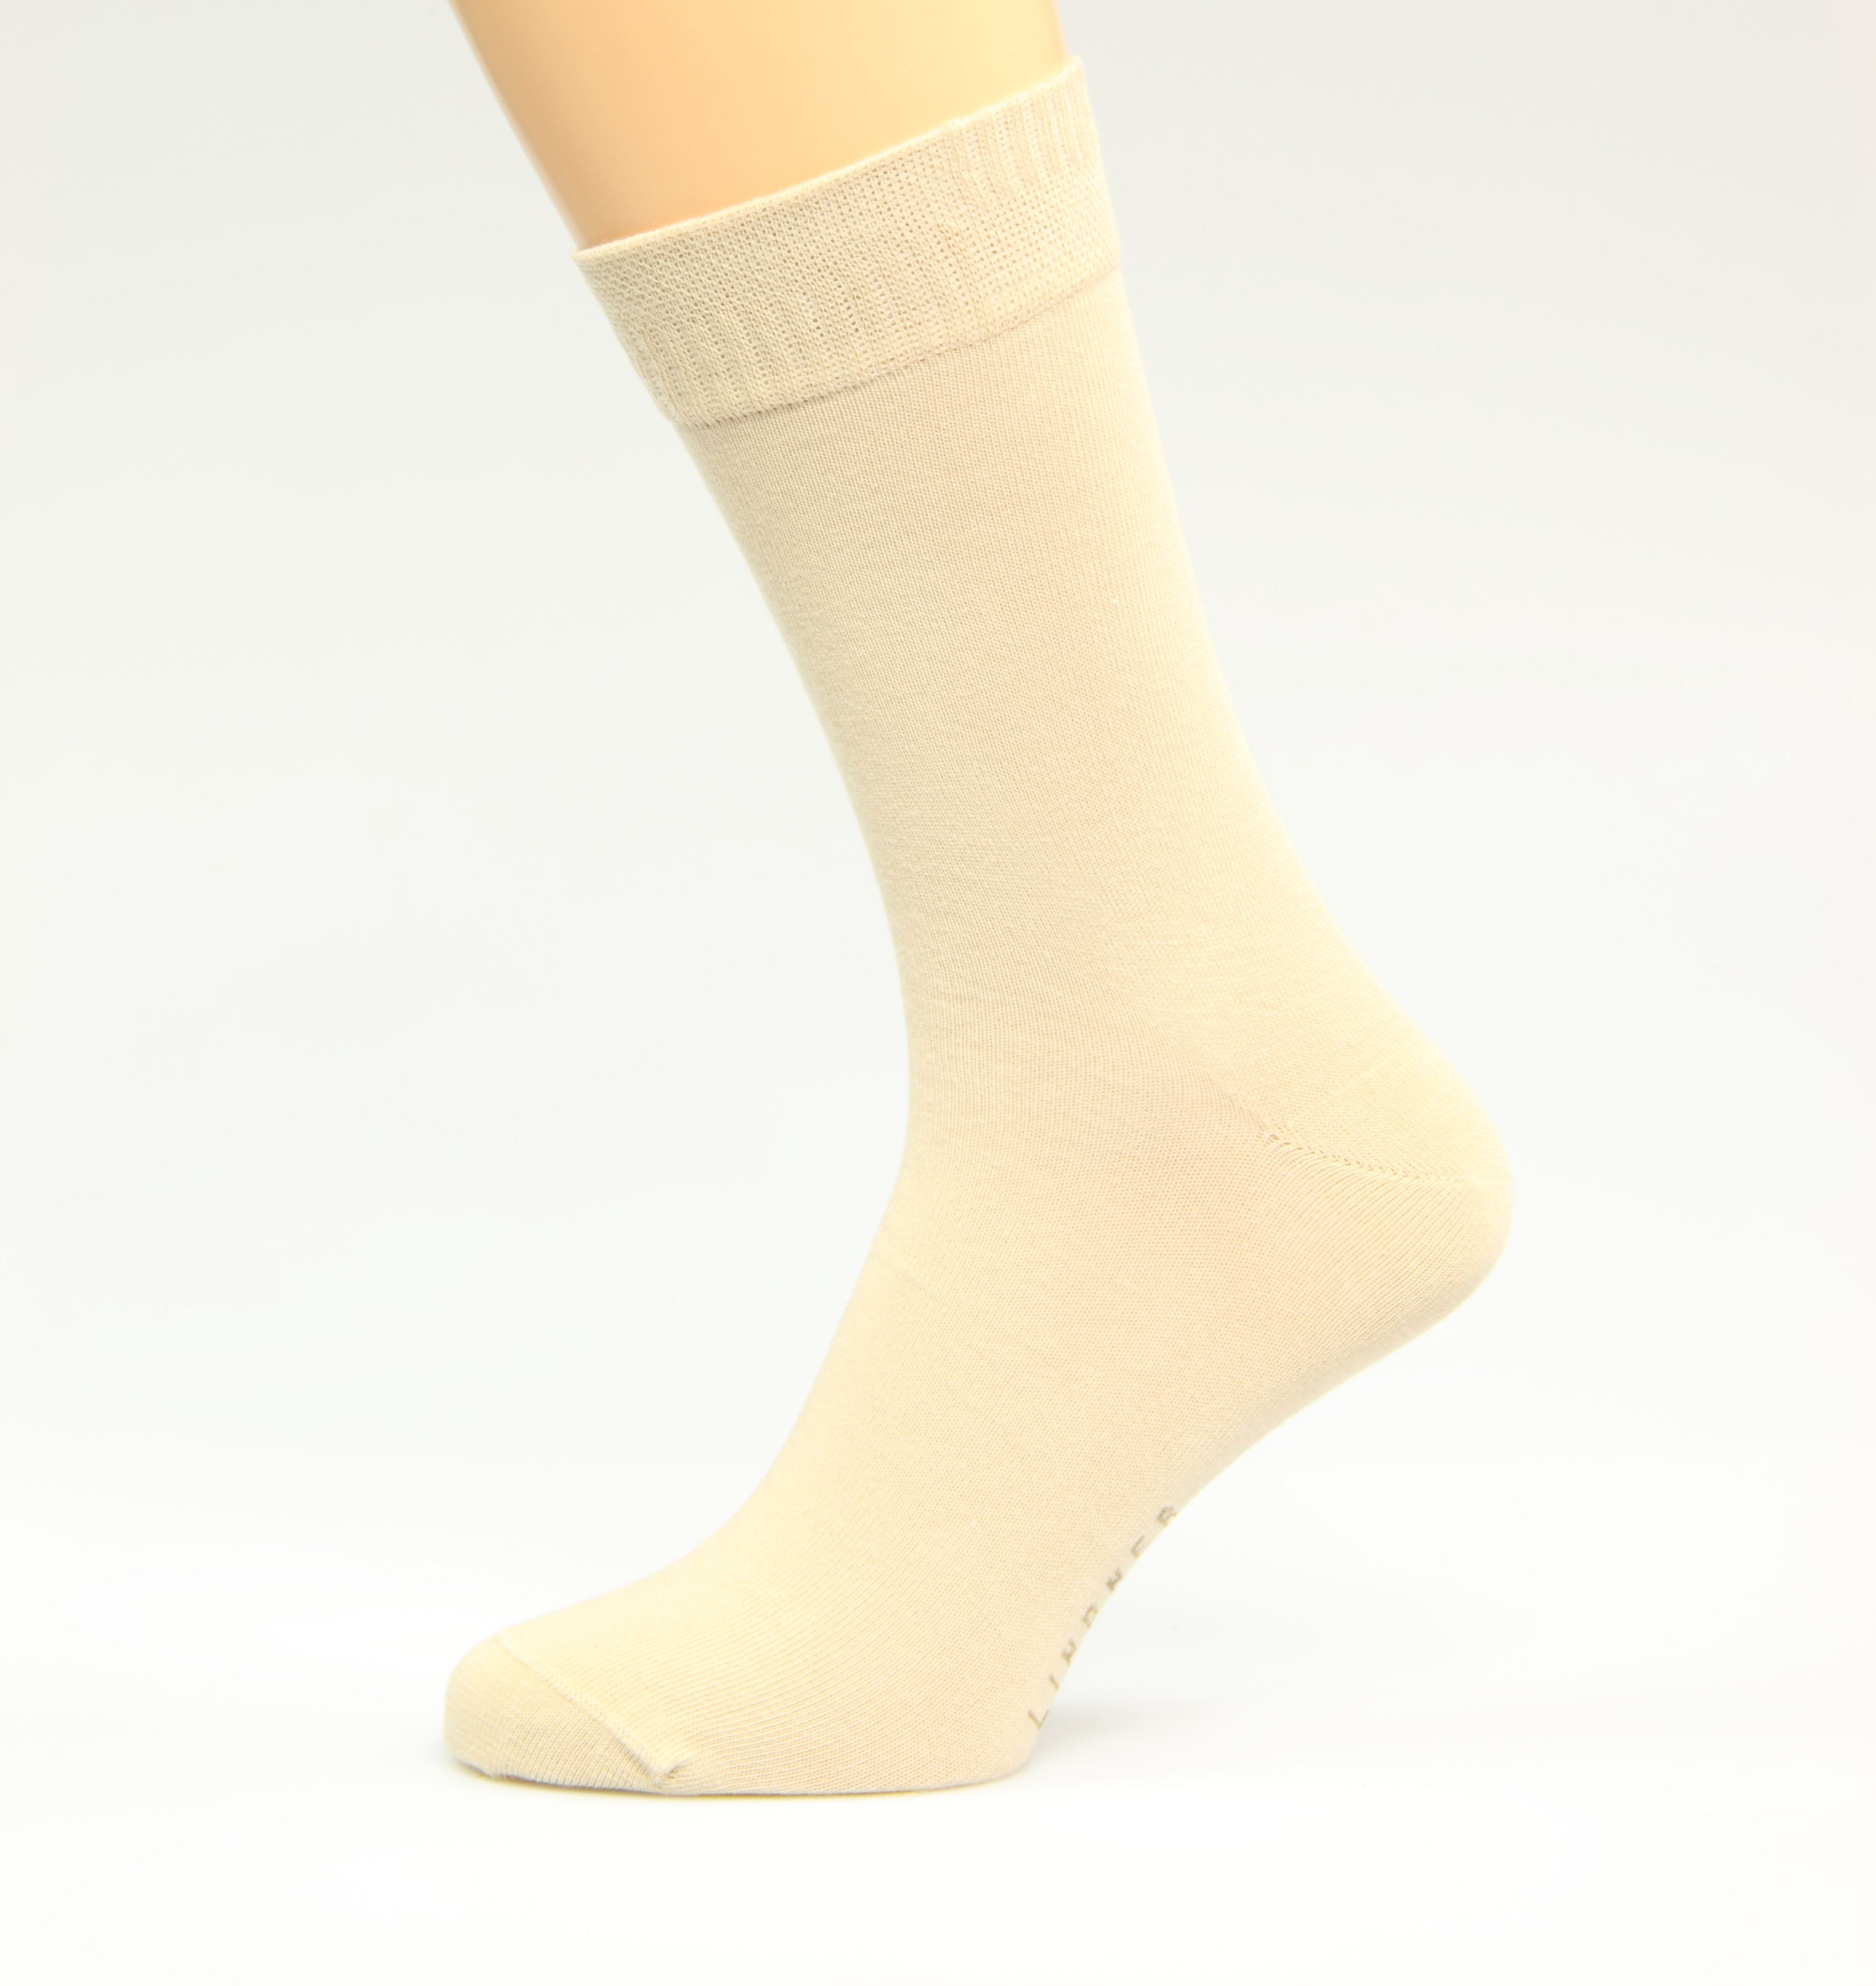 Diabetiker-Socken-beige-Gr-sse-48-50